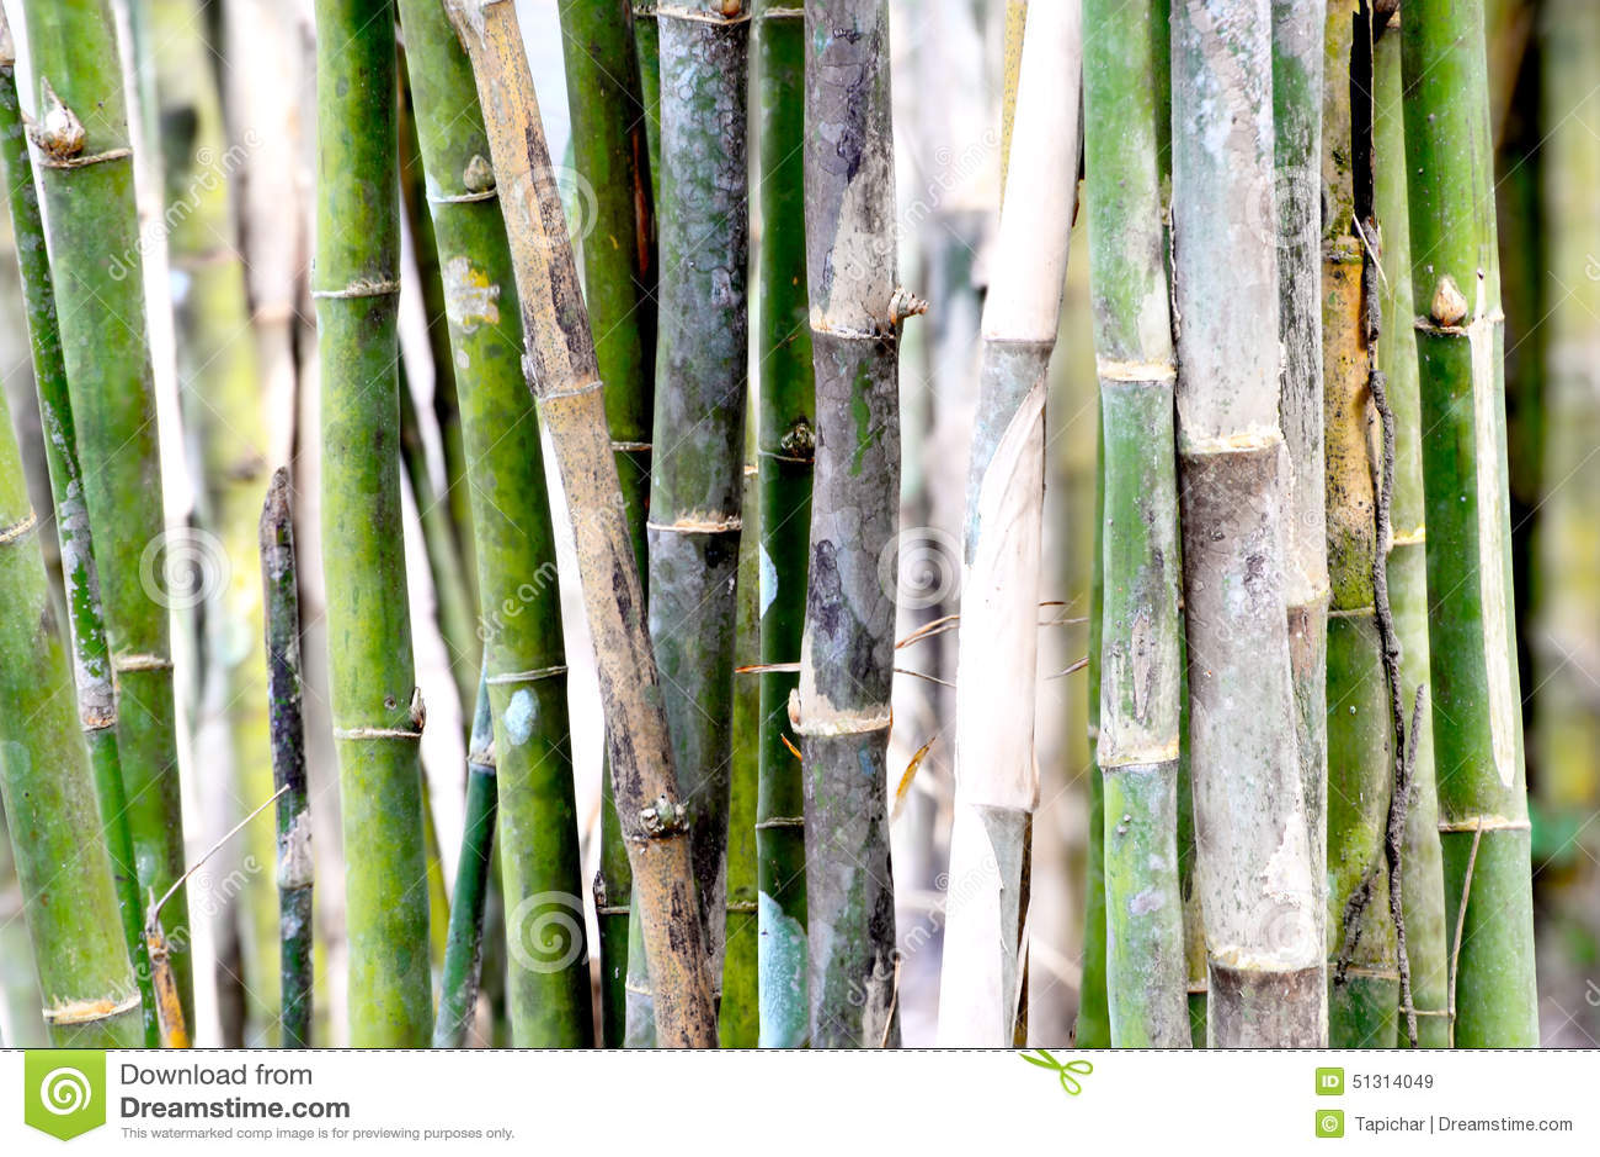 Bambus Ist Ein Sehr Schnell Wachsendes Gras Das Einem Baum ähnelt